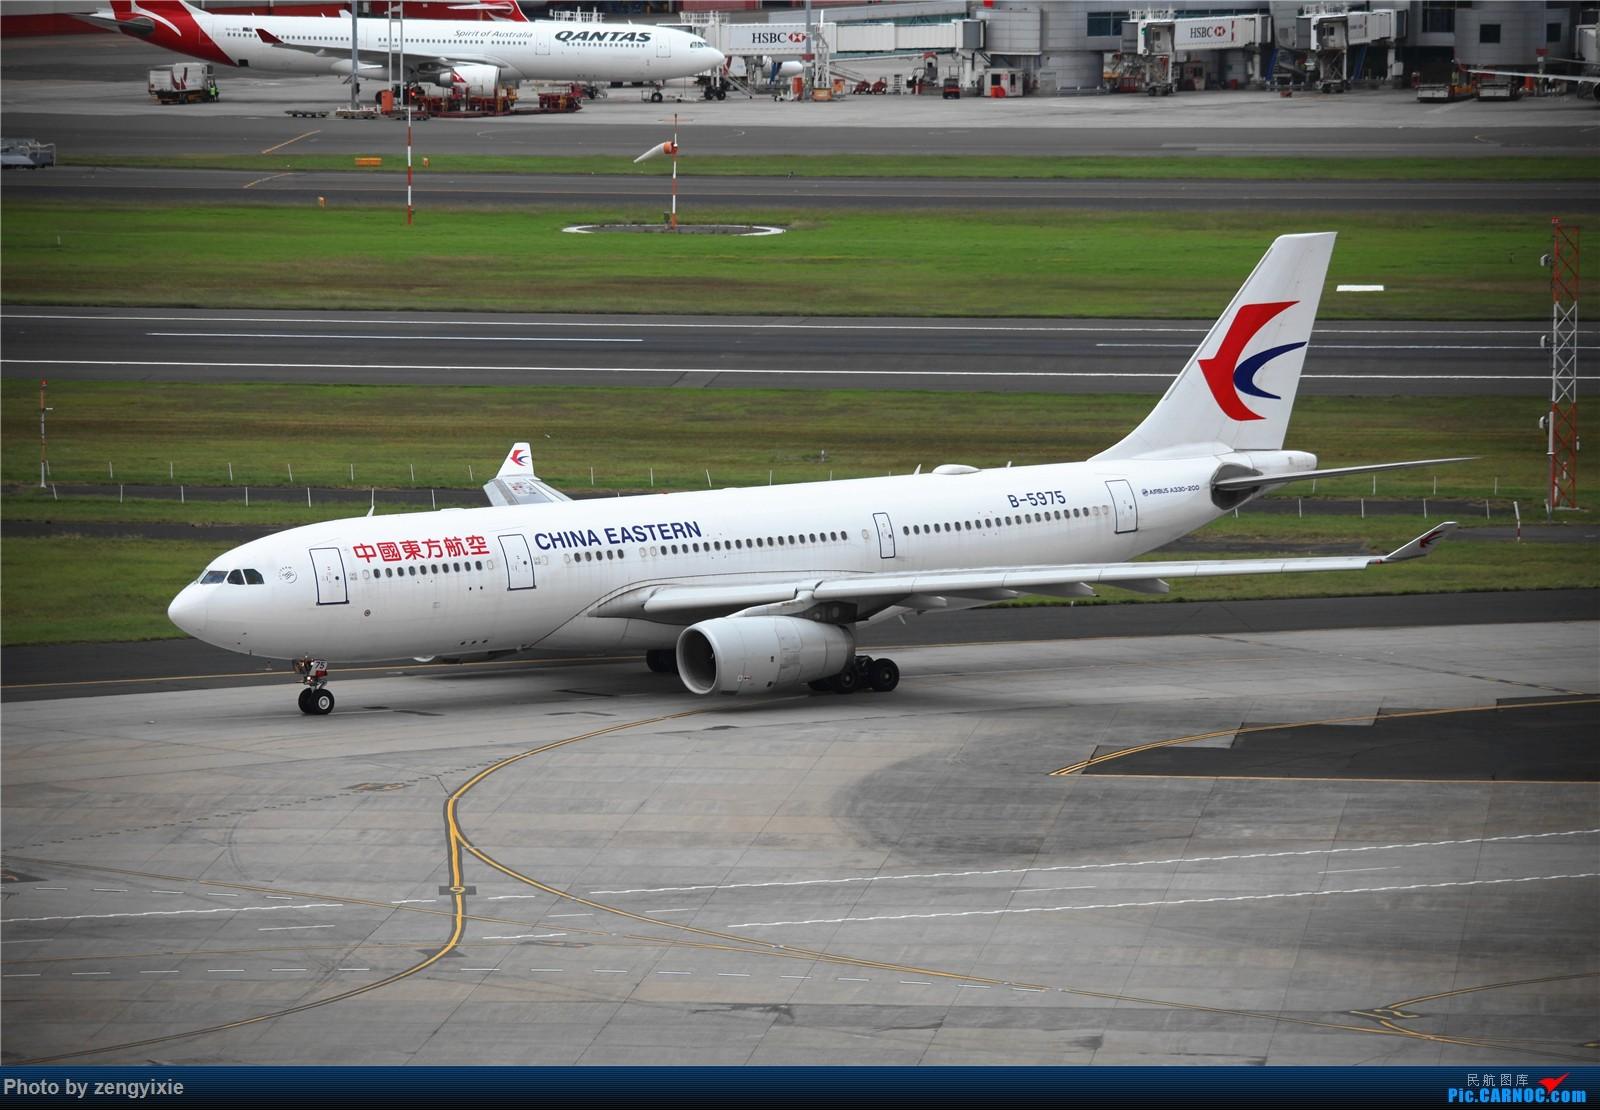 Re:[原创]清晨的悉尼国际降落狂潮 AIRBUS A330-200 B-5975 澳大利亚悉尼金斯福德·史密斯机场